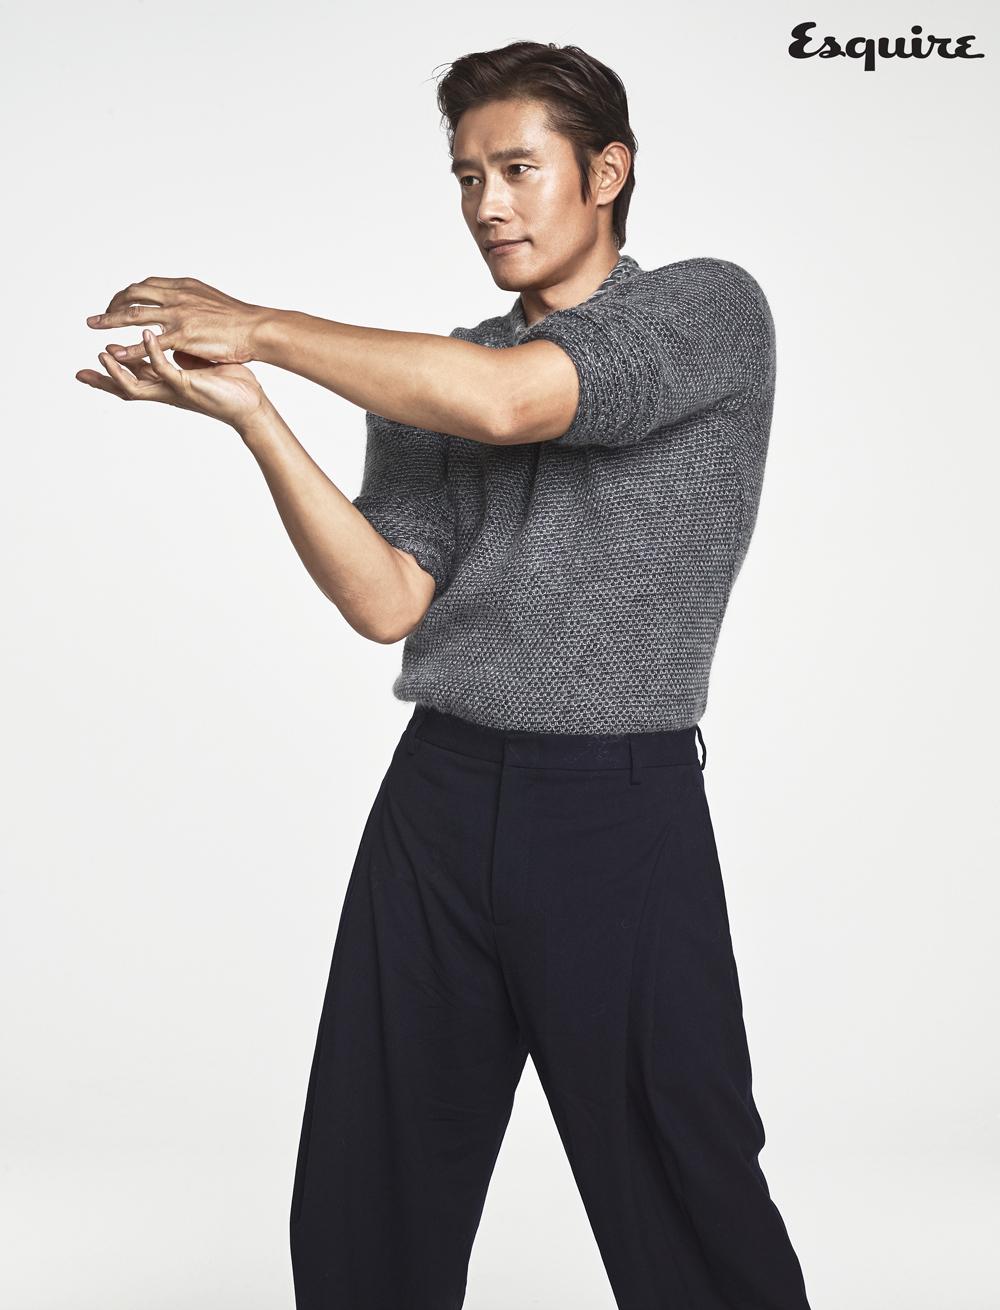 Lee Byung Hun4